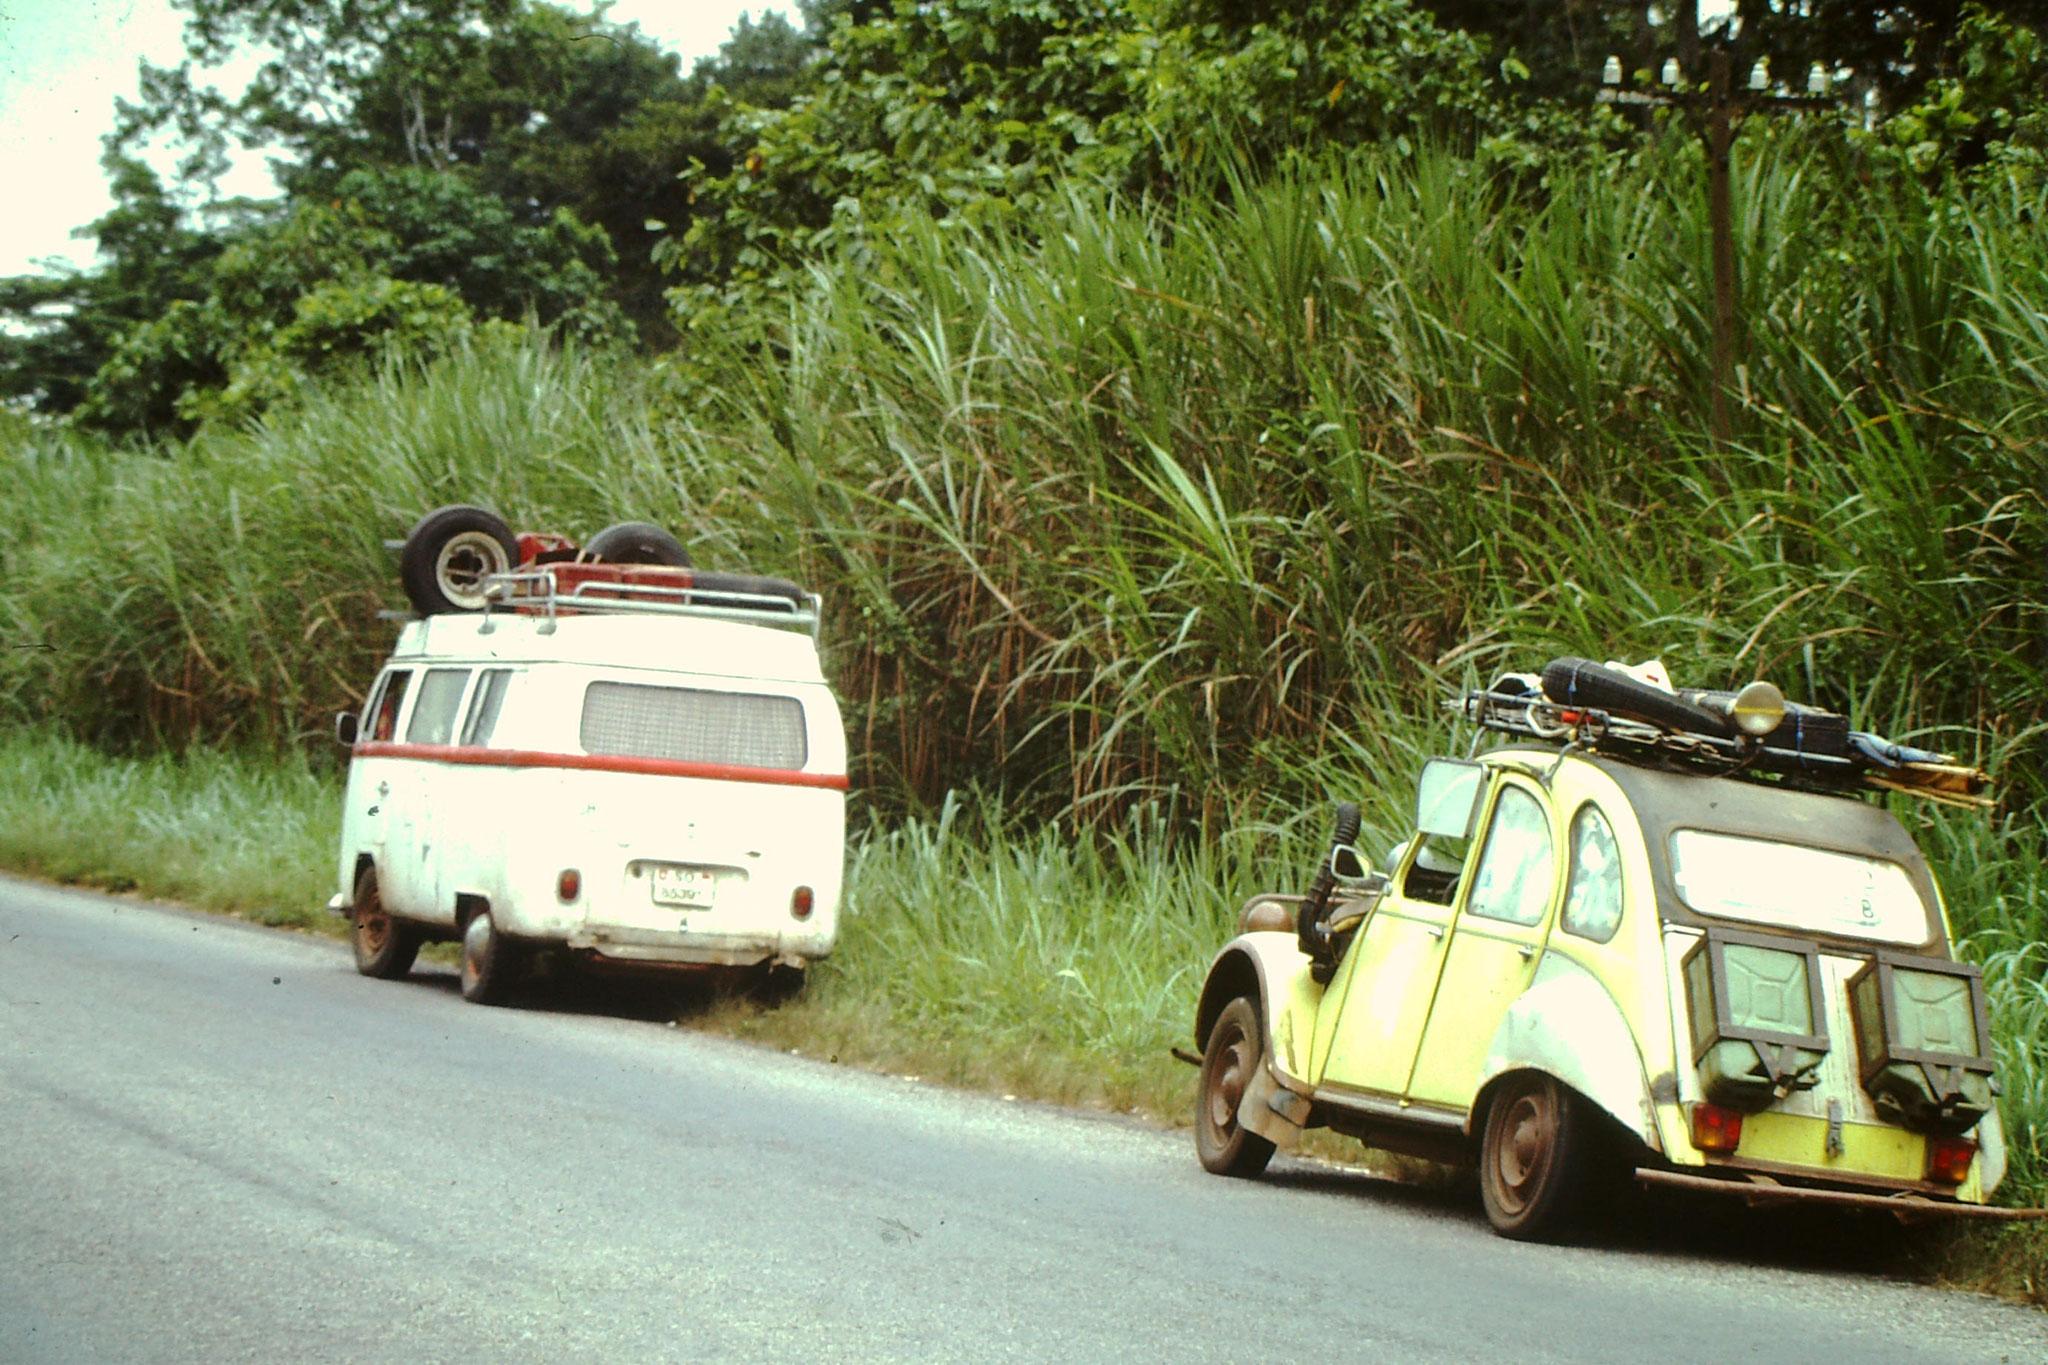 """Während rund 6 Wochen Reisten wir zusammen. Ab Togo bis Abidjan mit beiden Autos. In Abidjan wurde die """"Ente"""" zurück nach Deutschland verschifft. Dies beweist einmal mehr, dass auch Enten Zugvögel sind."""